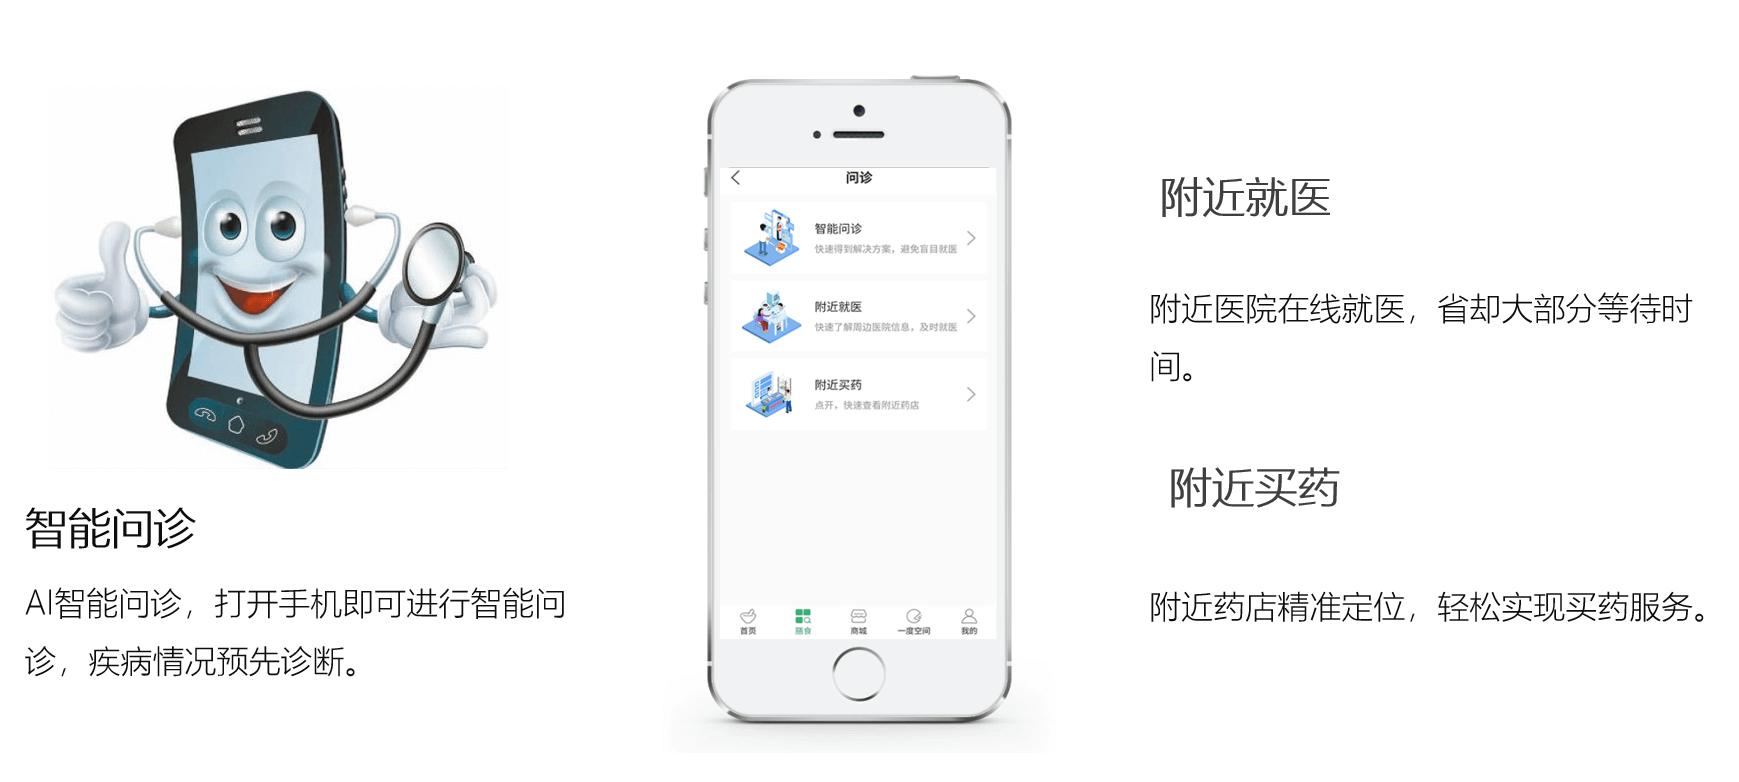 zaixianwenzhen.png